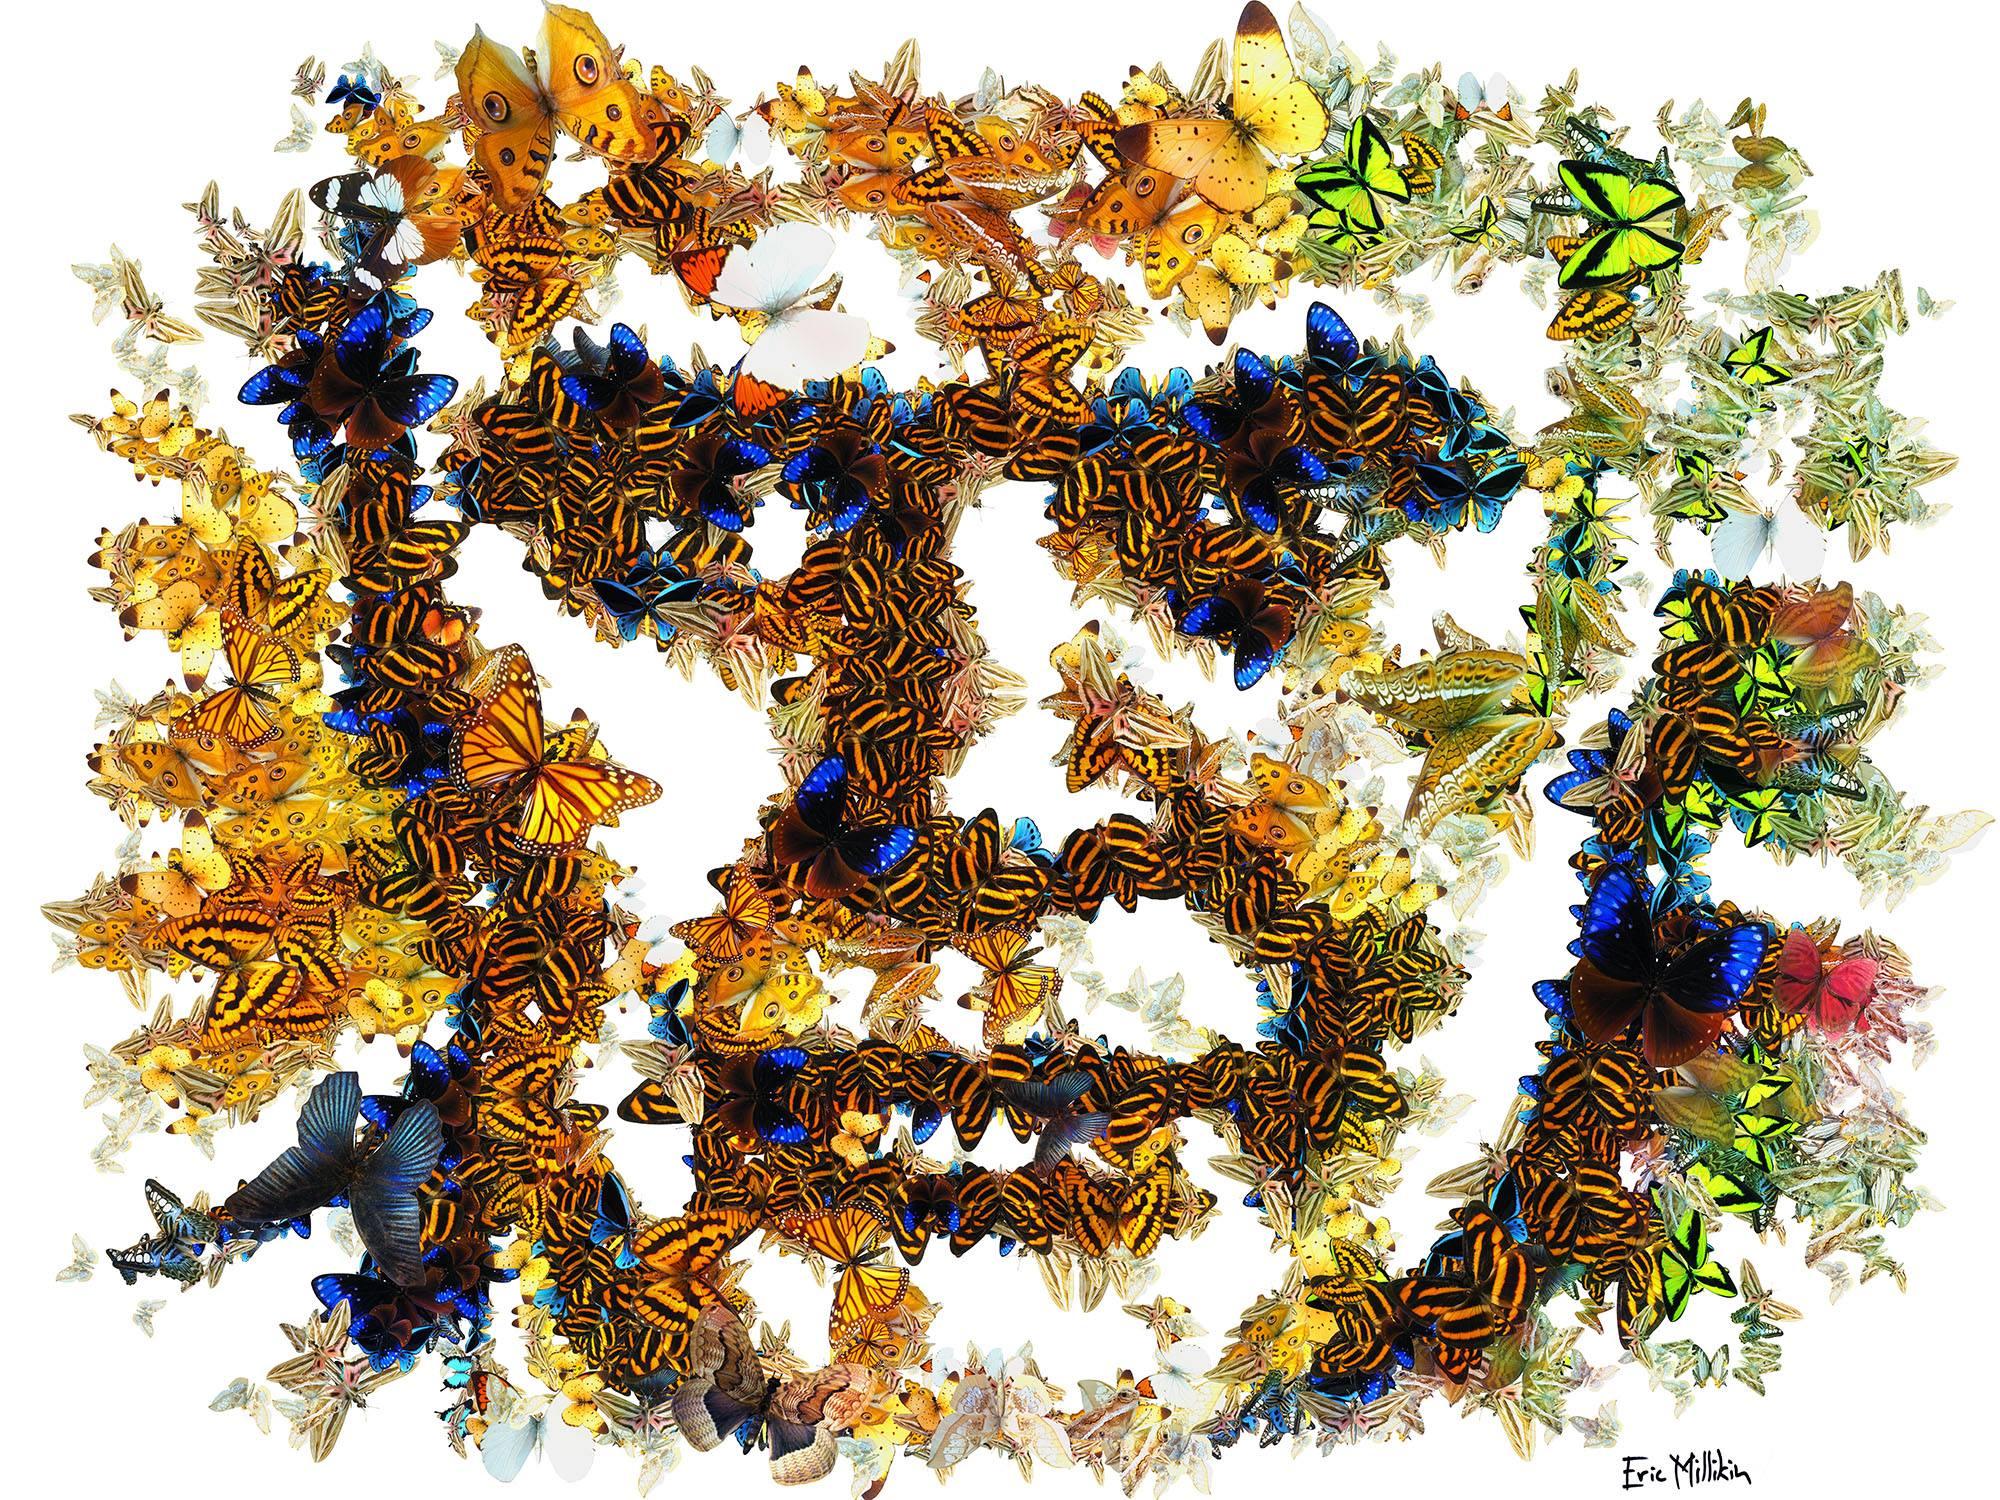 H. R. Giger (Feb 5, 1940 – May 12, 2014)